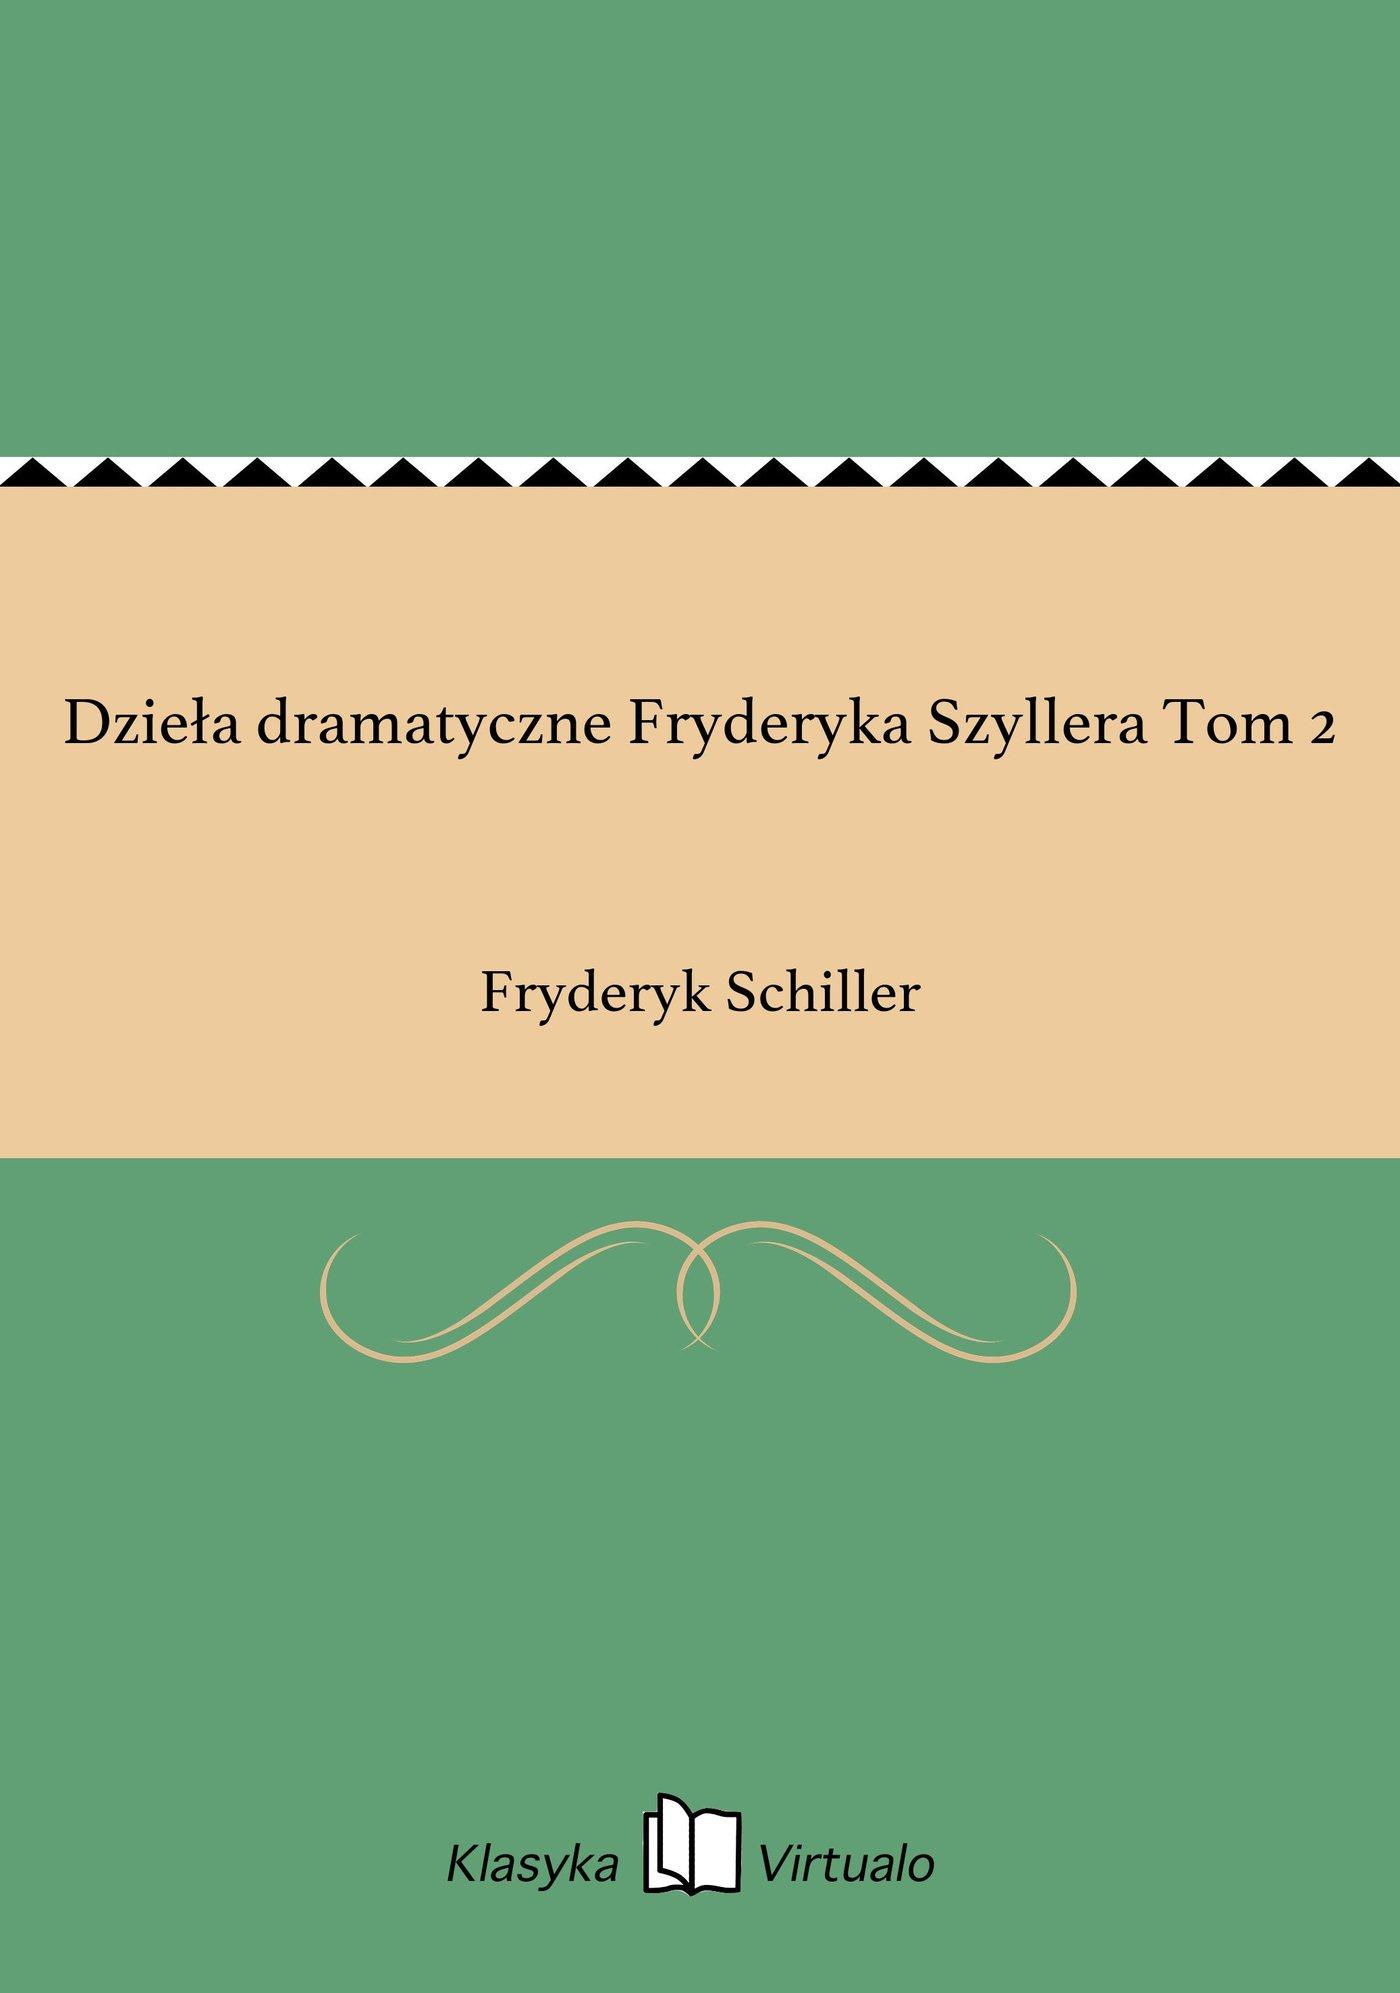 Dzieła dramatyczne Fryderyka Szyllera Tom 2 - Ebook (Książka na Kindle) do pobrania w formacie MOBI